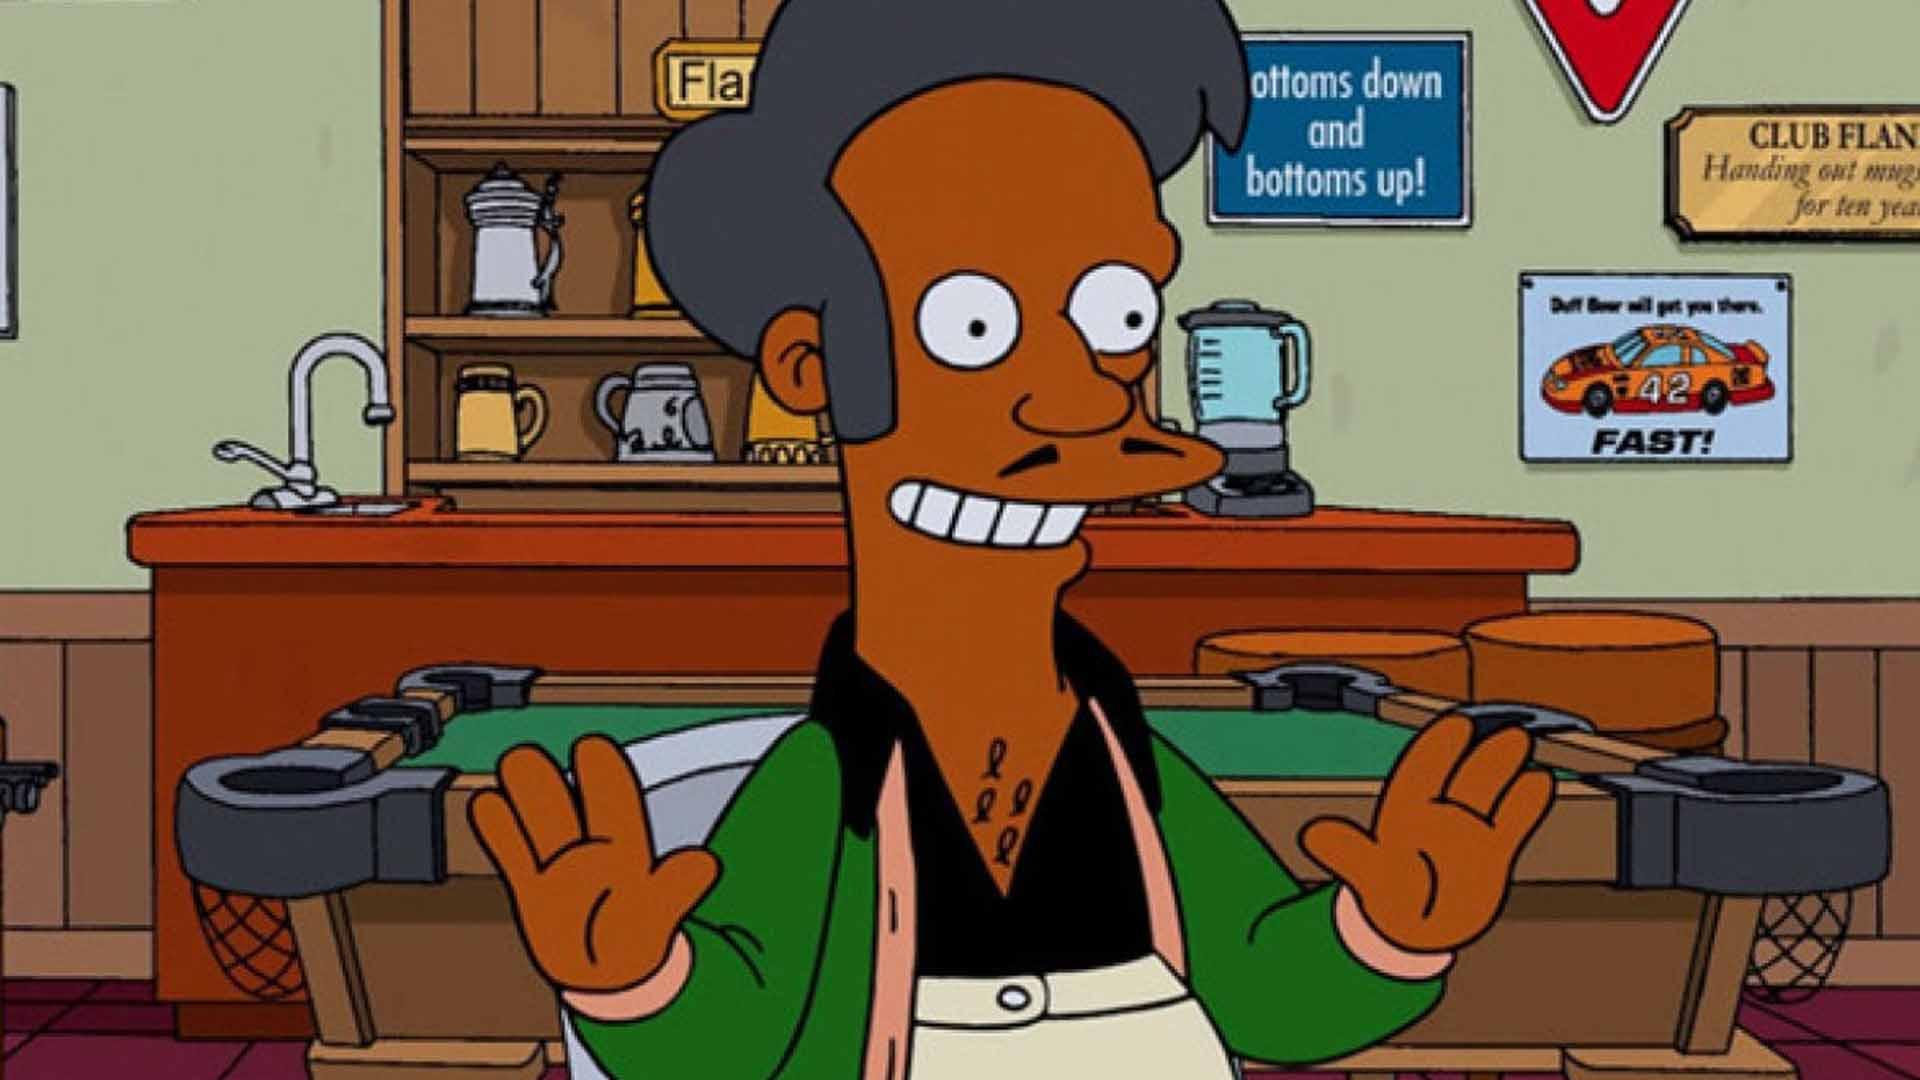 La polemica su Apu ha creato problemi ai Simpson